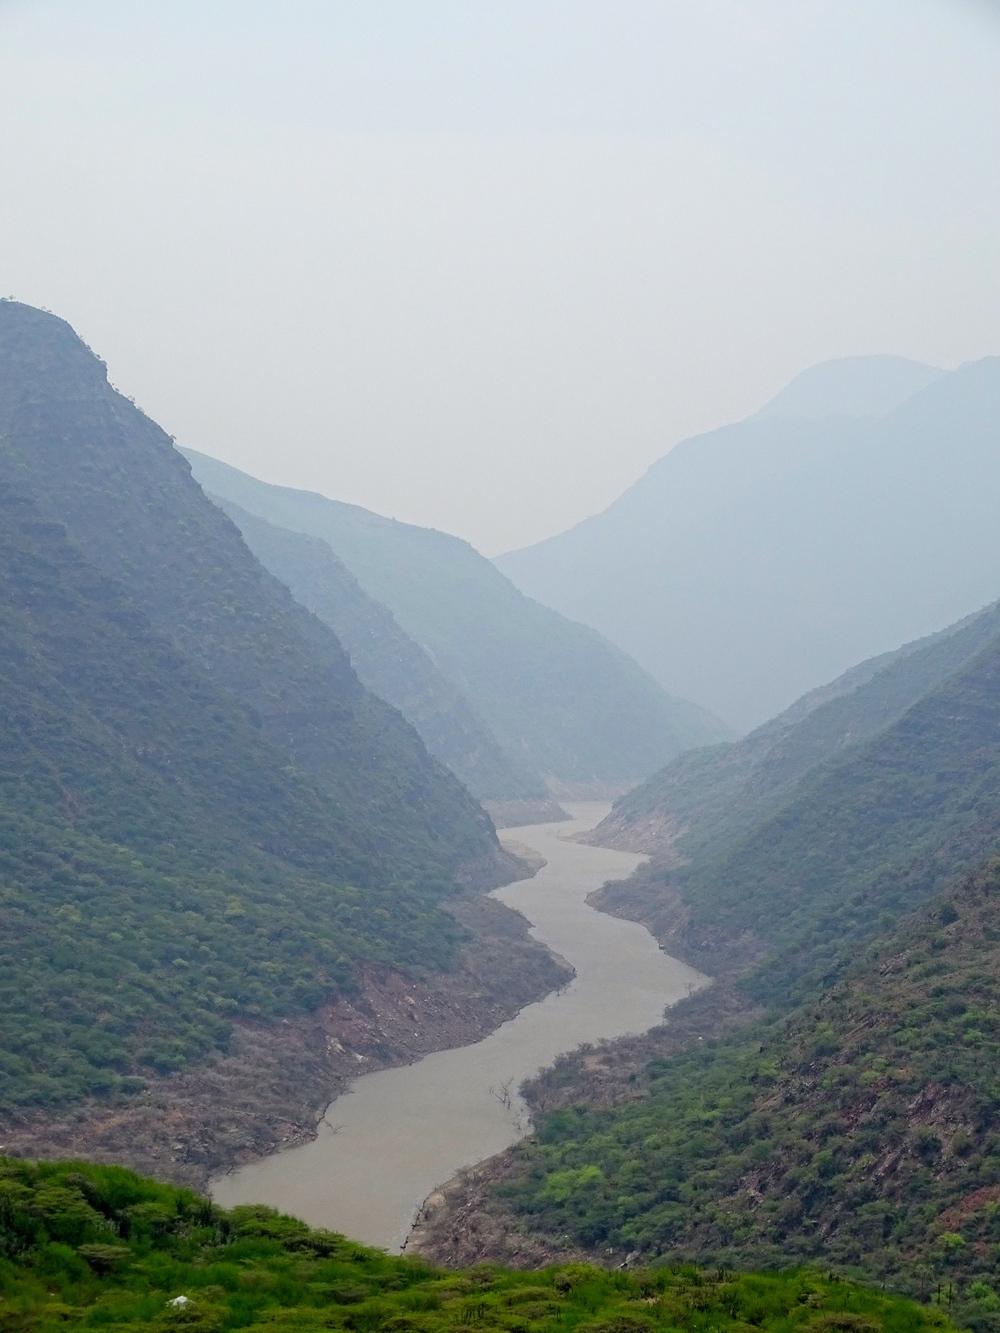 Rio Sogamosa canyon